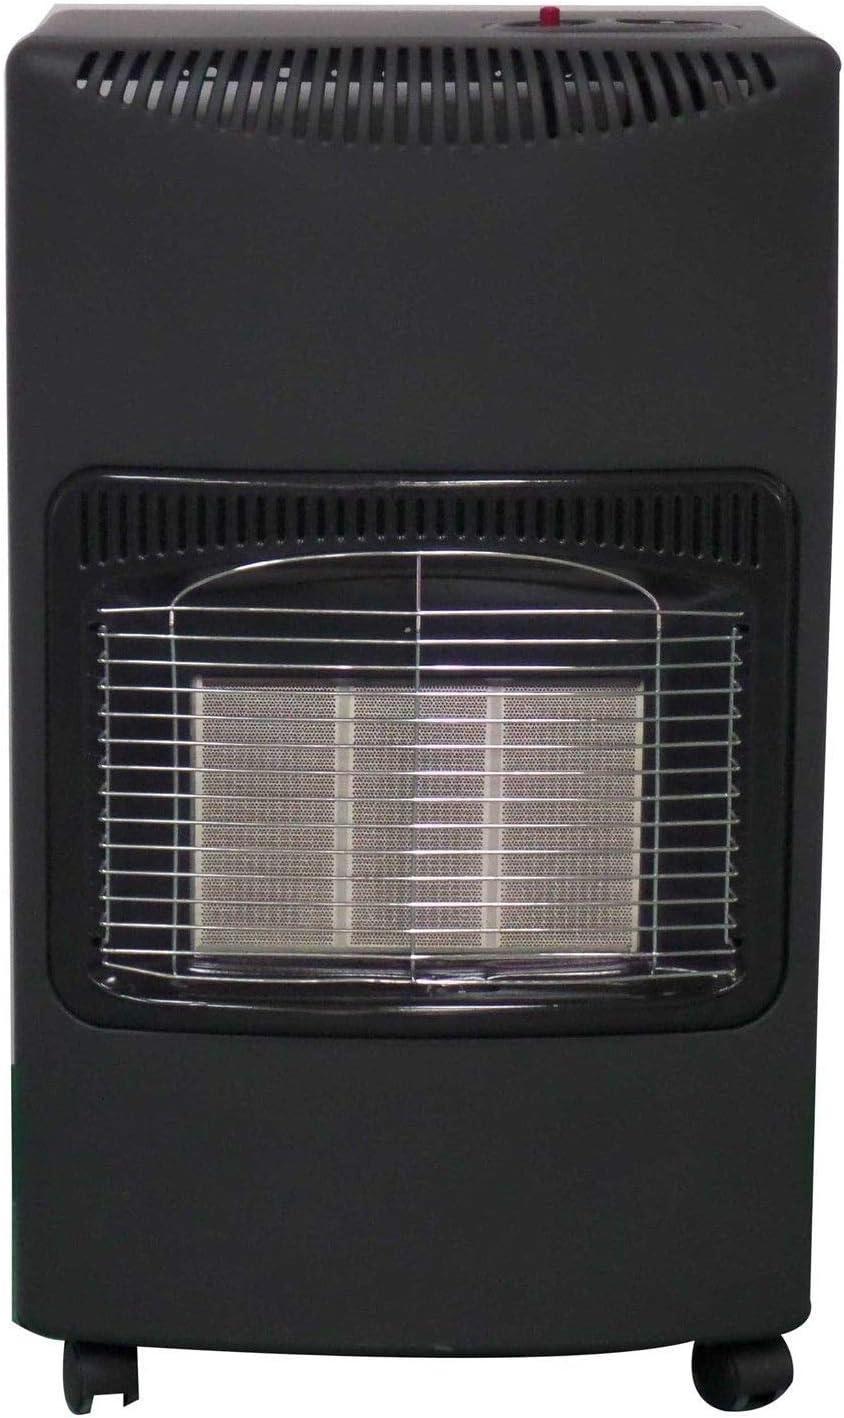 ALPINE portable calor gas heater